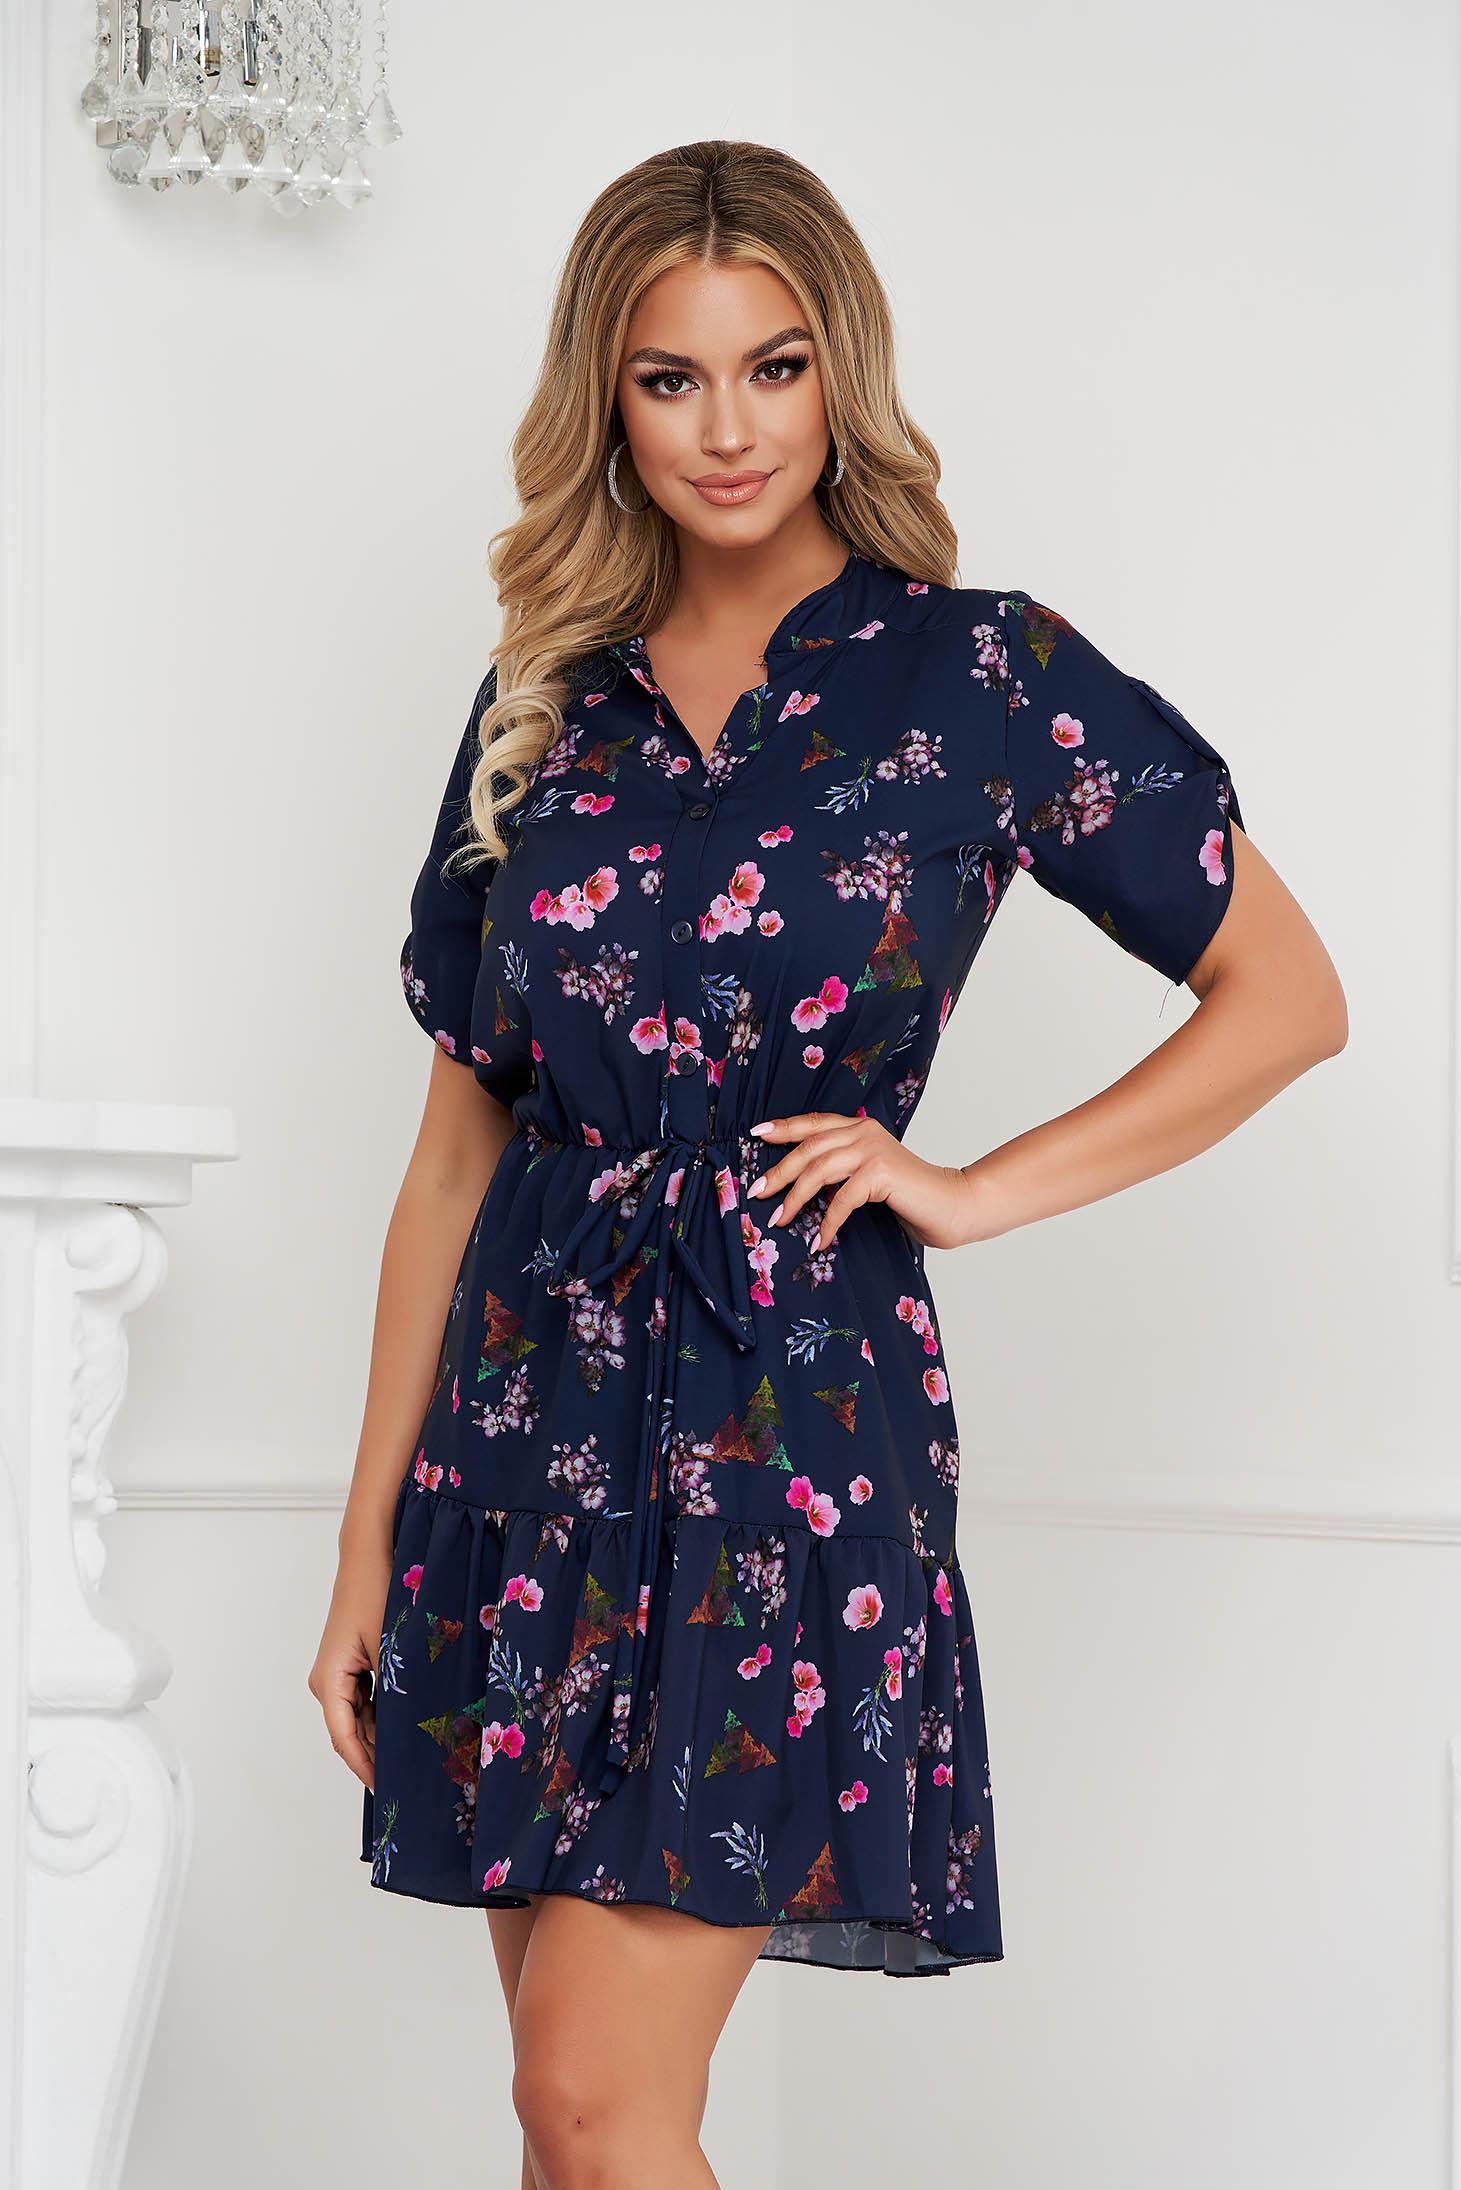 Dress short cut cloche with elastic waist short sleeves